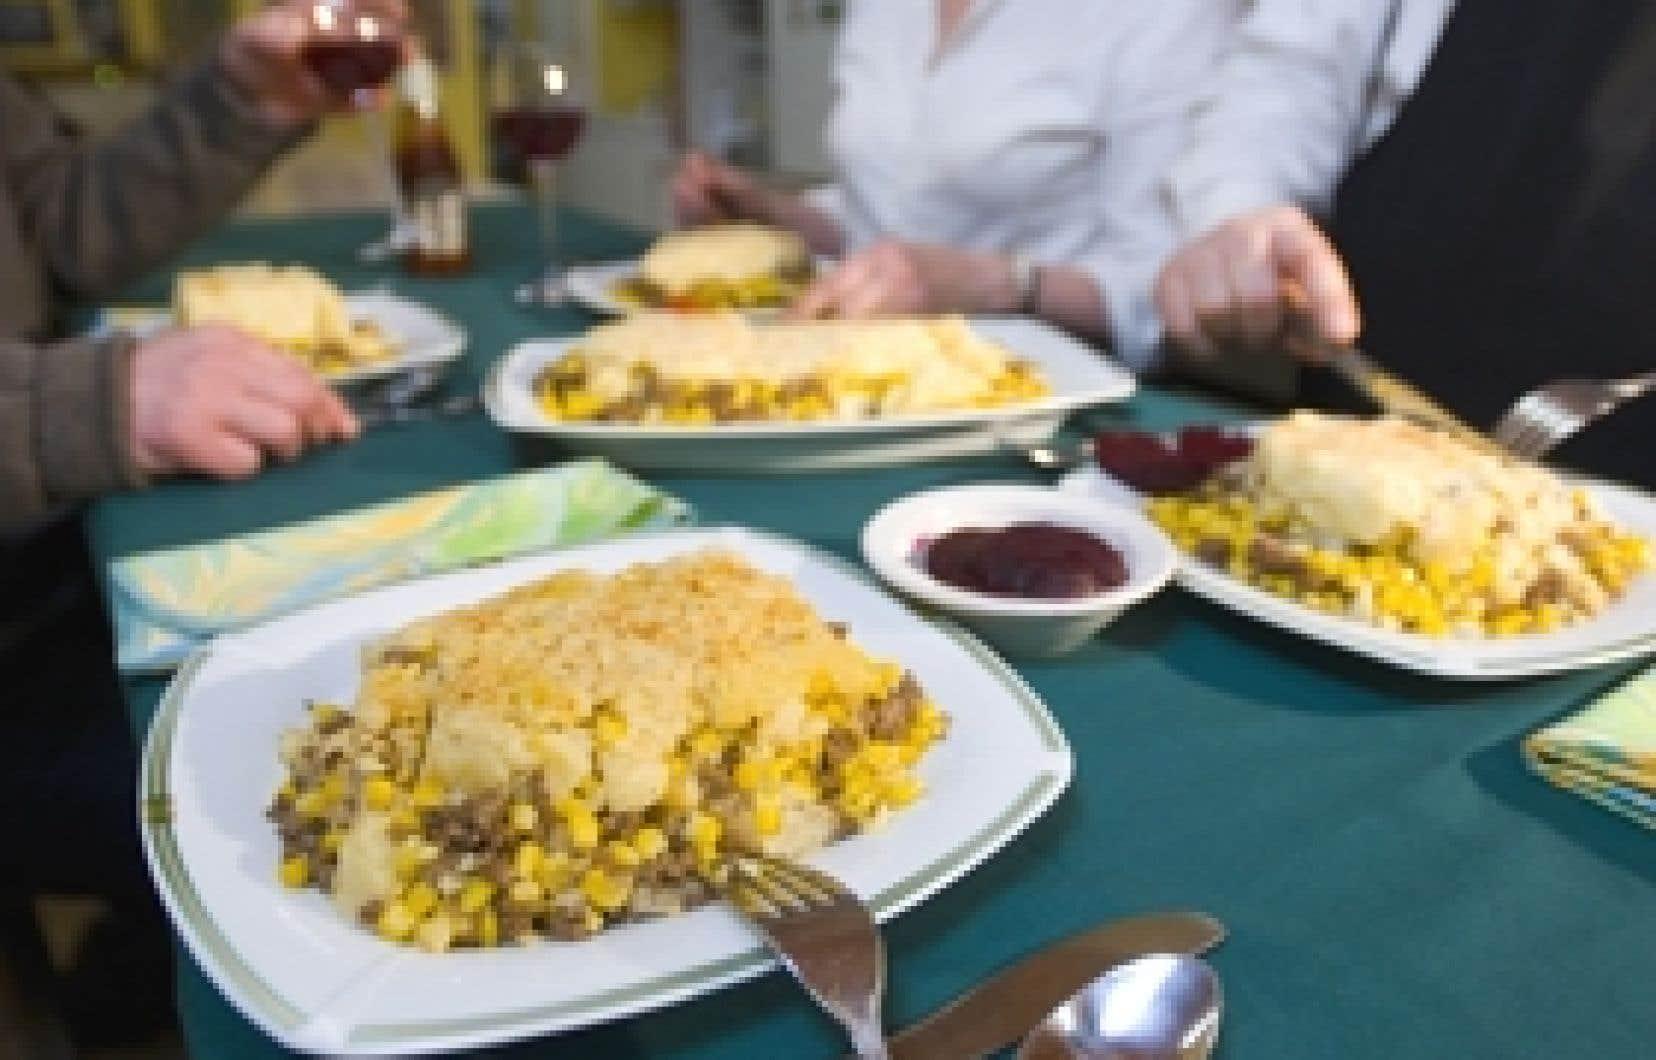 La pâté chinois, «c'est de la nourriture réconfortante. C'est familial, facile à faire et pas cher», explique Jocelyne Brunet, copropriétaire du restaurant La Binerie Mont-Royal. Sur la photo, quelques convives dégustent une bonne portion du